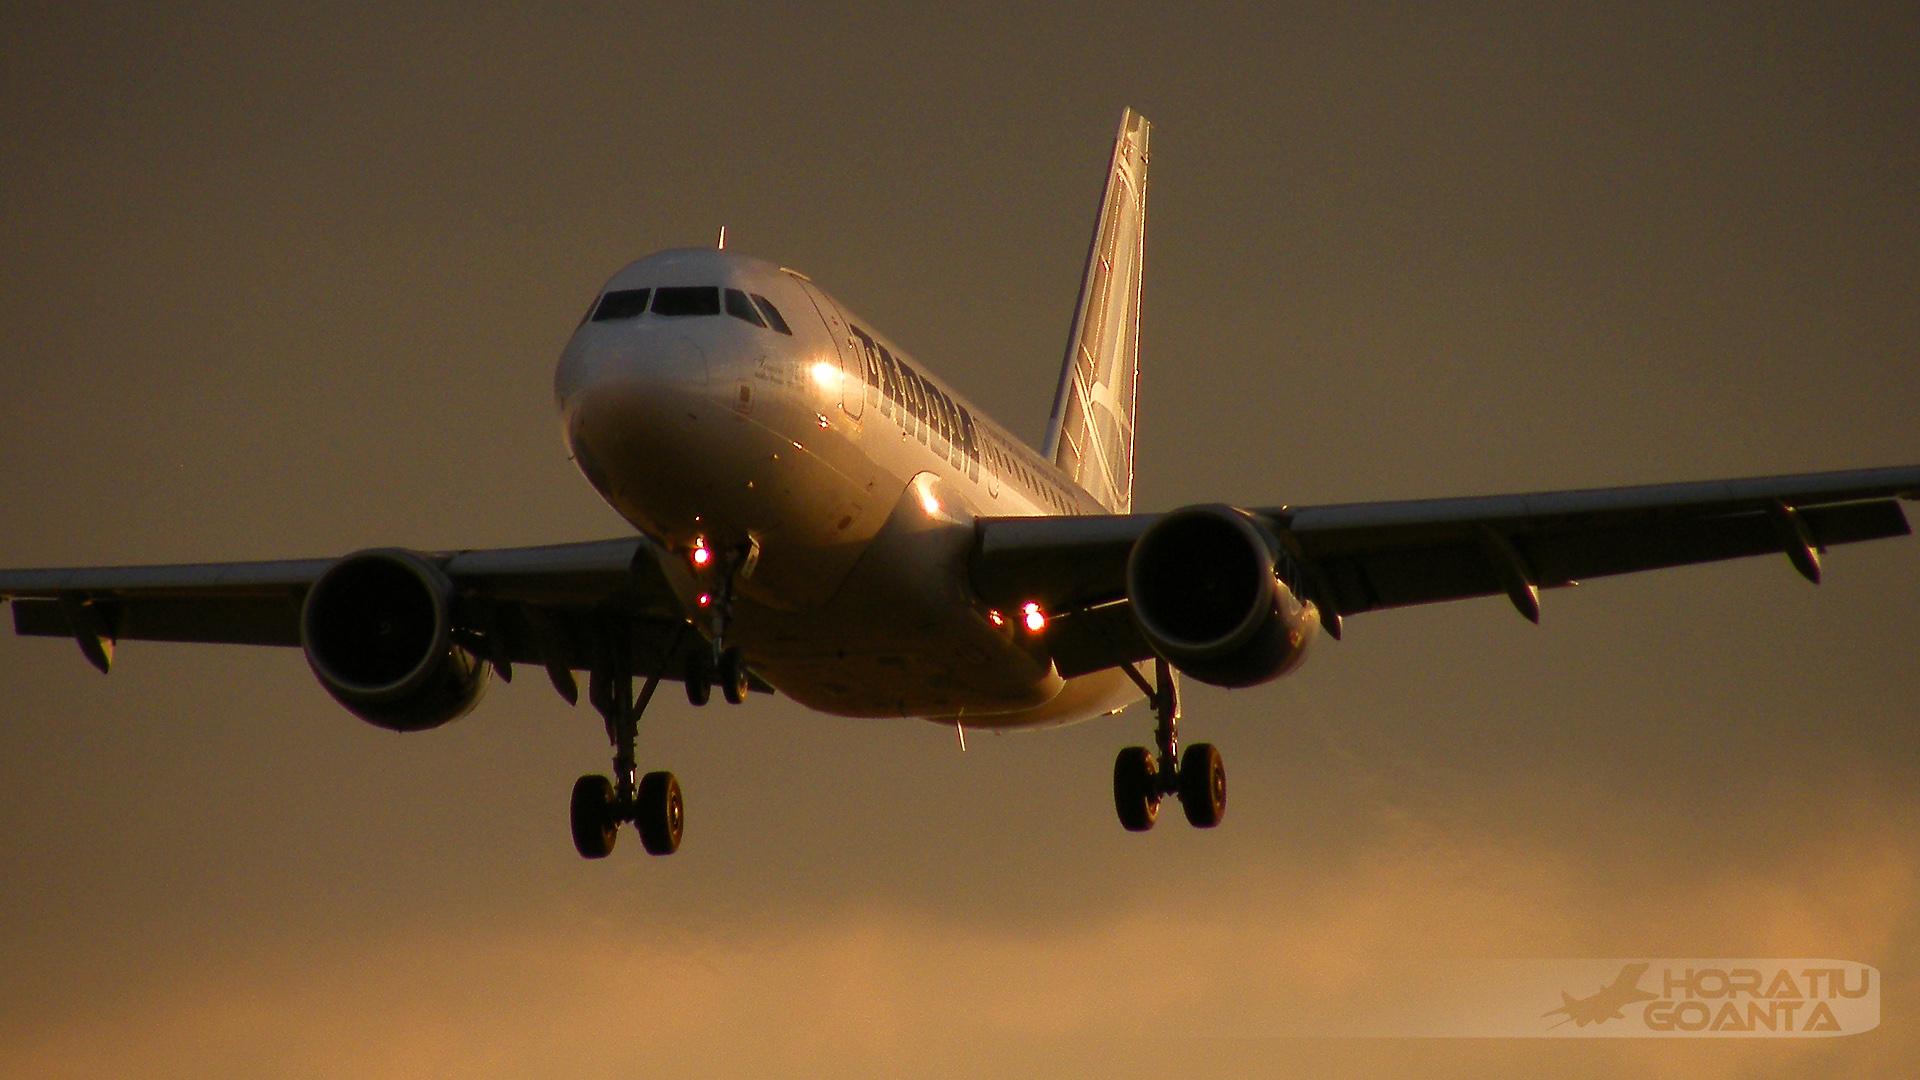 фото пассажирского самолета идет на посадку хороший армянский